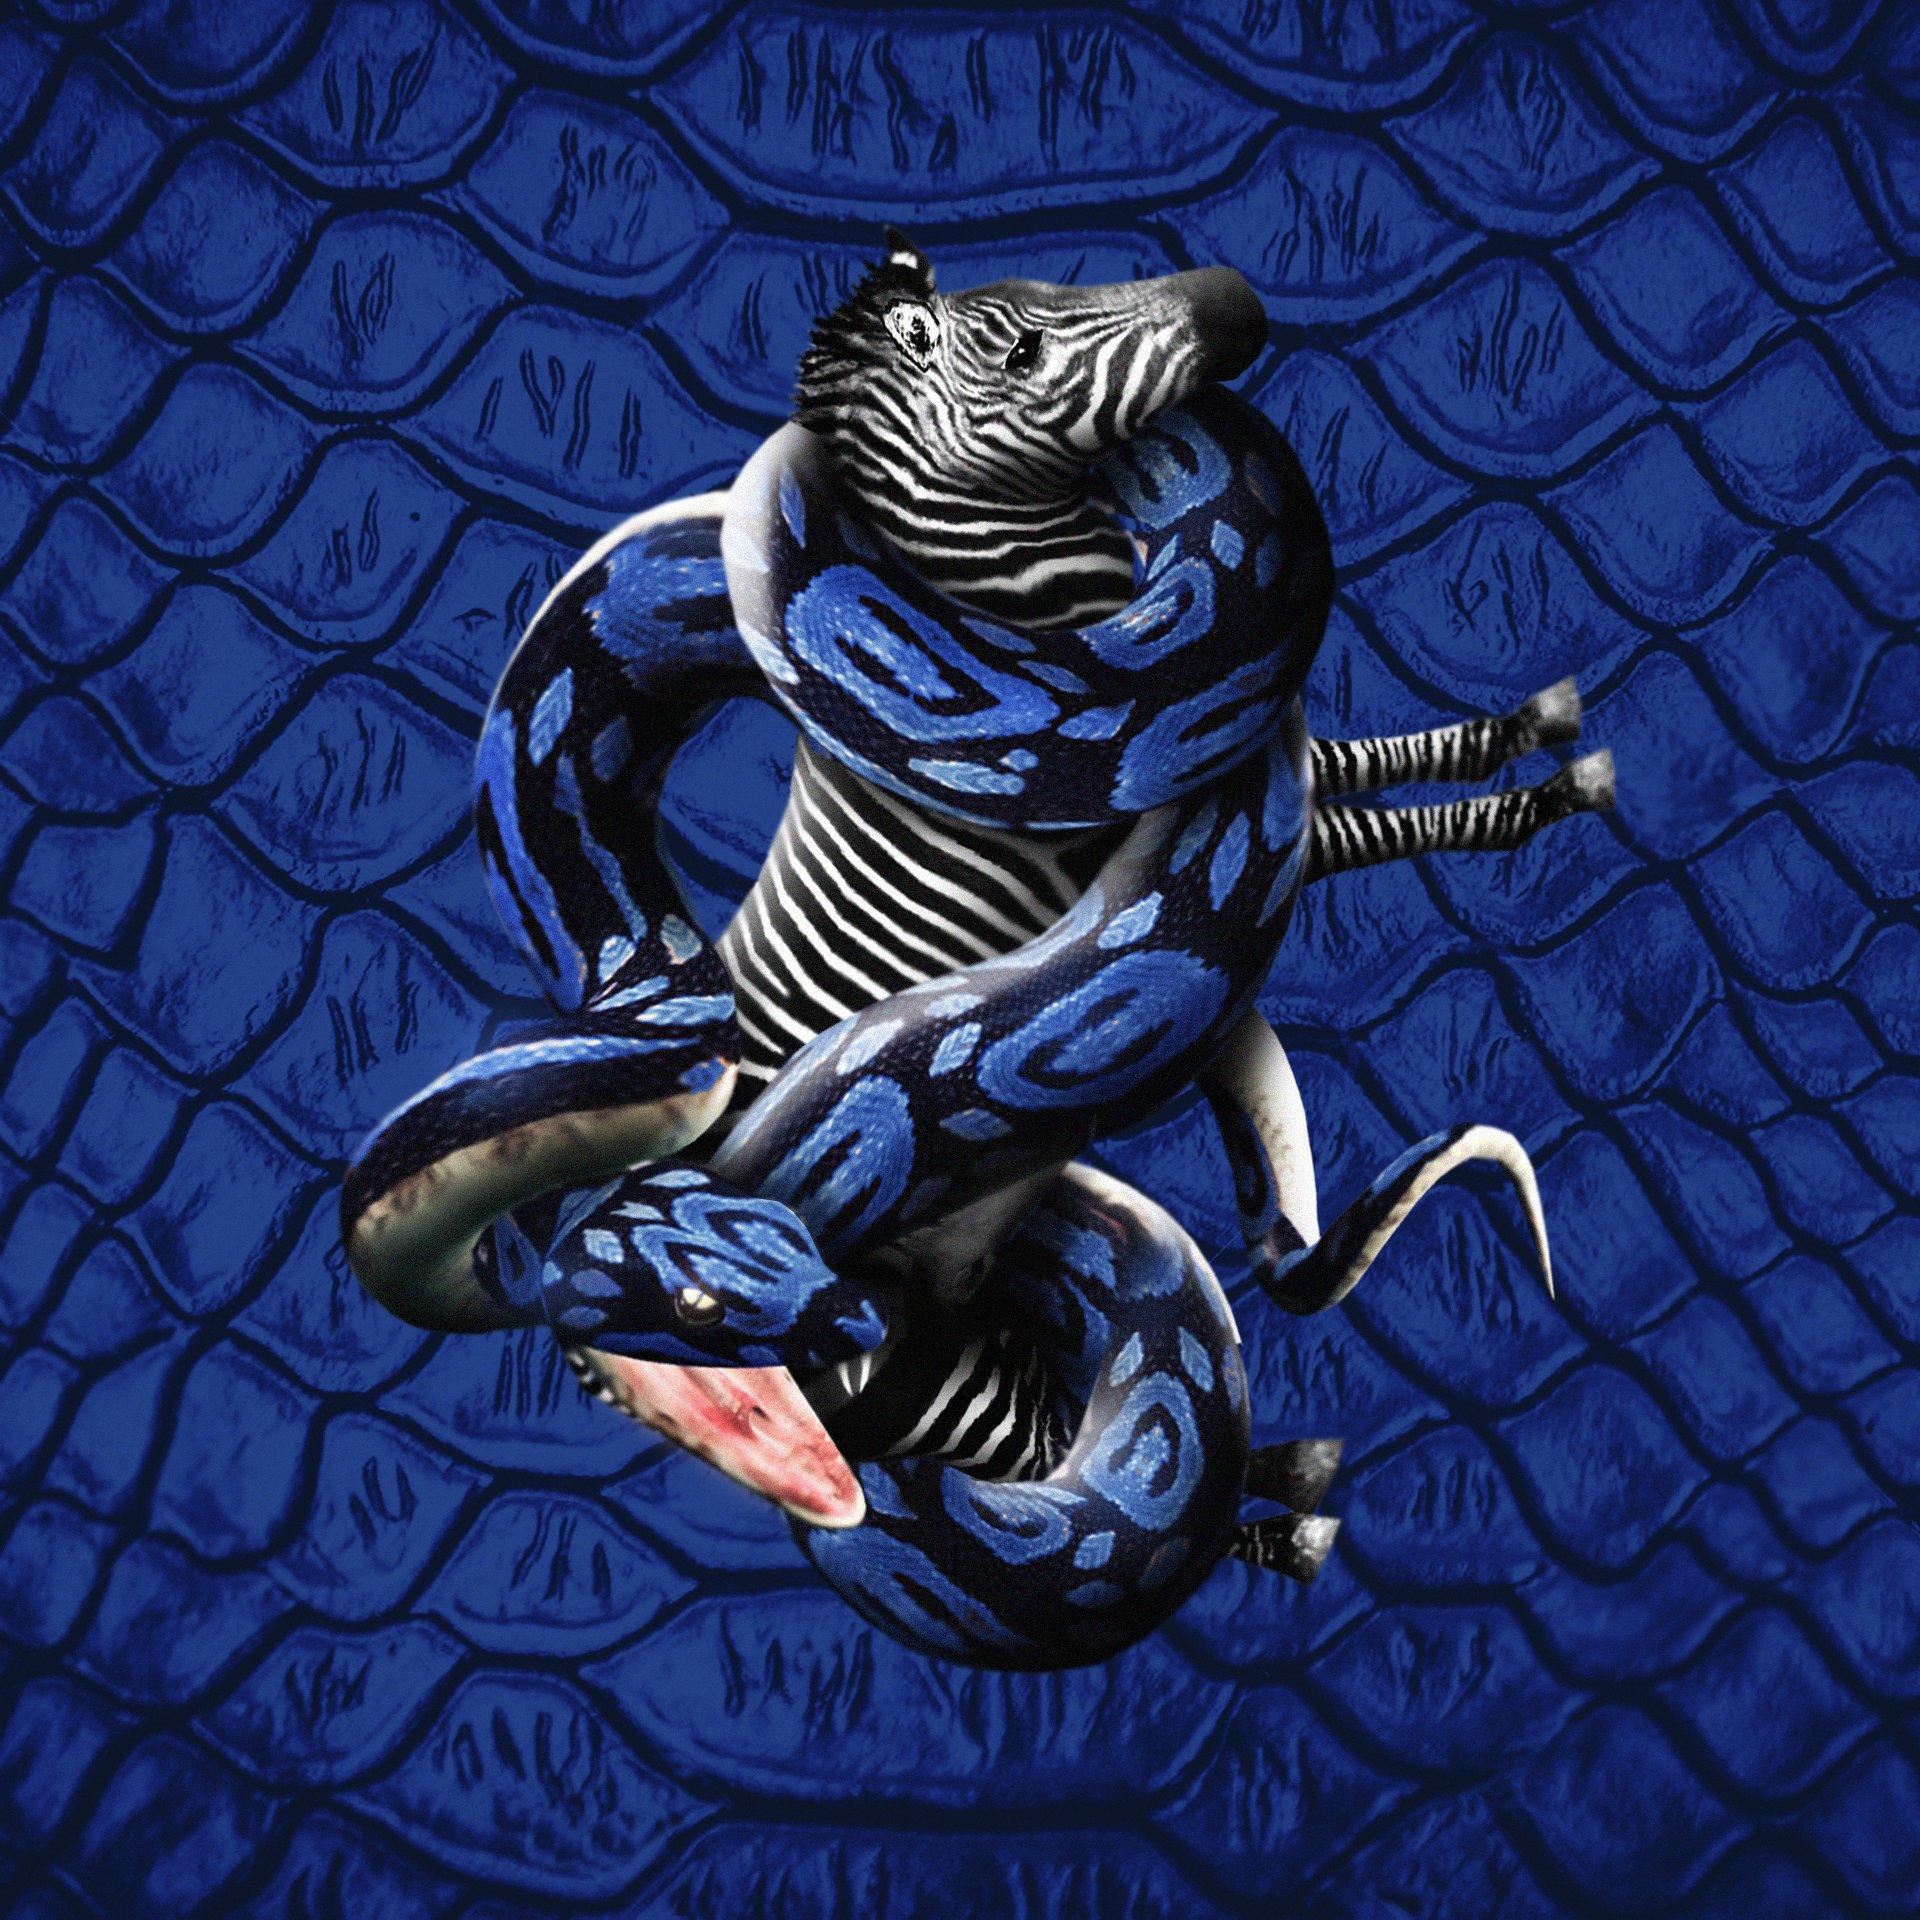 FC Internazionale Milano cover image